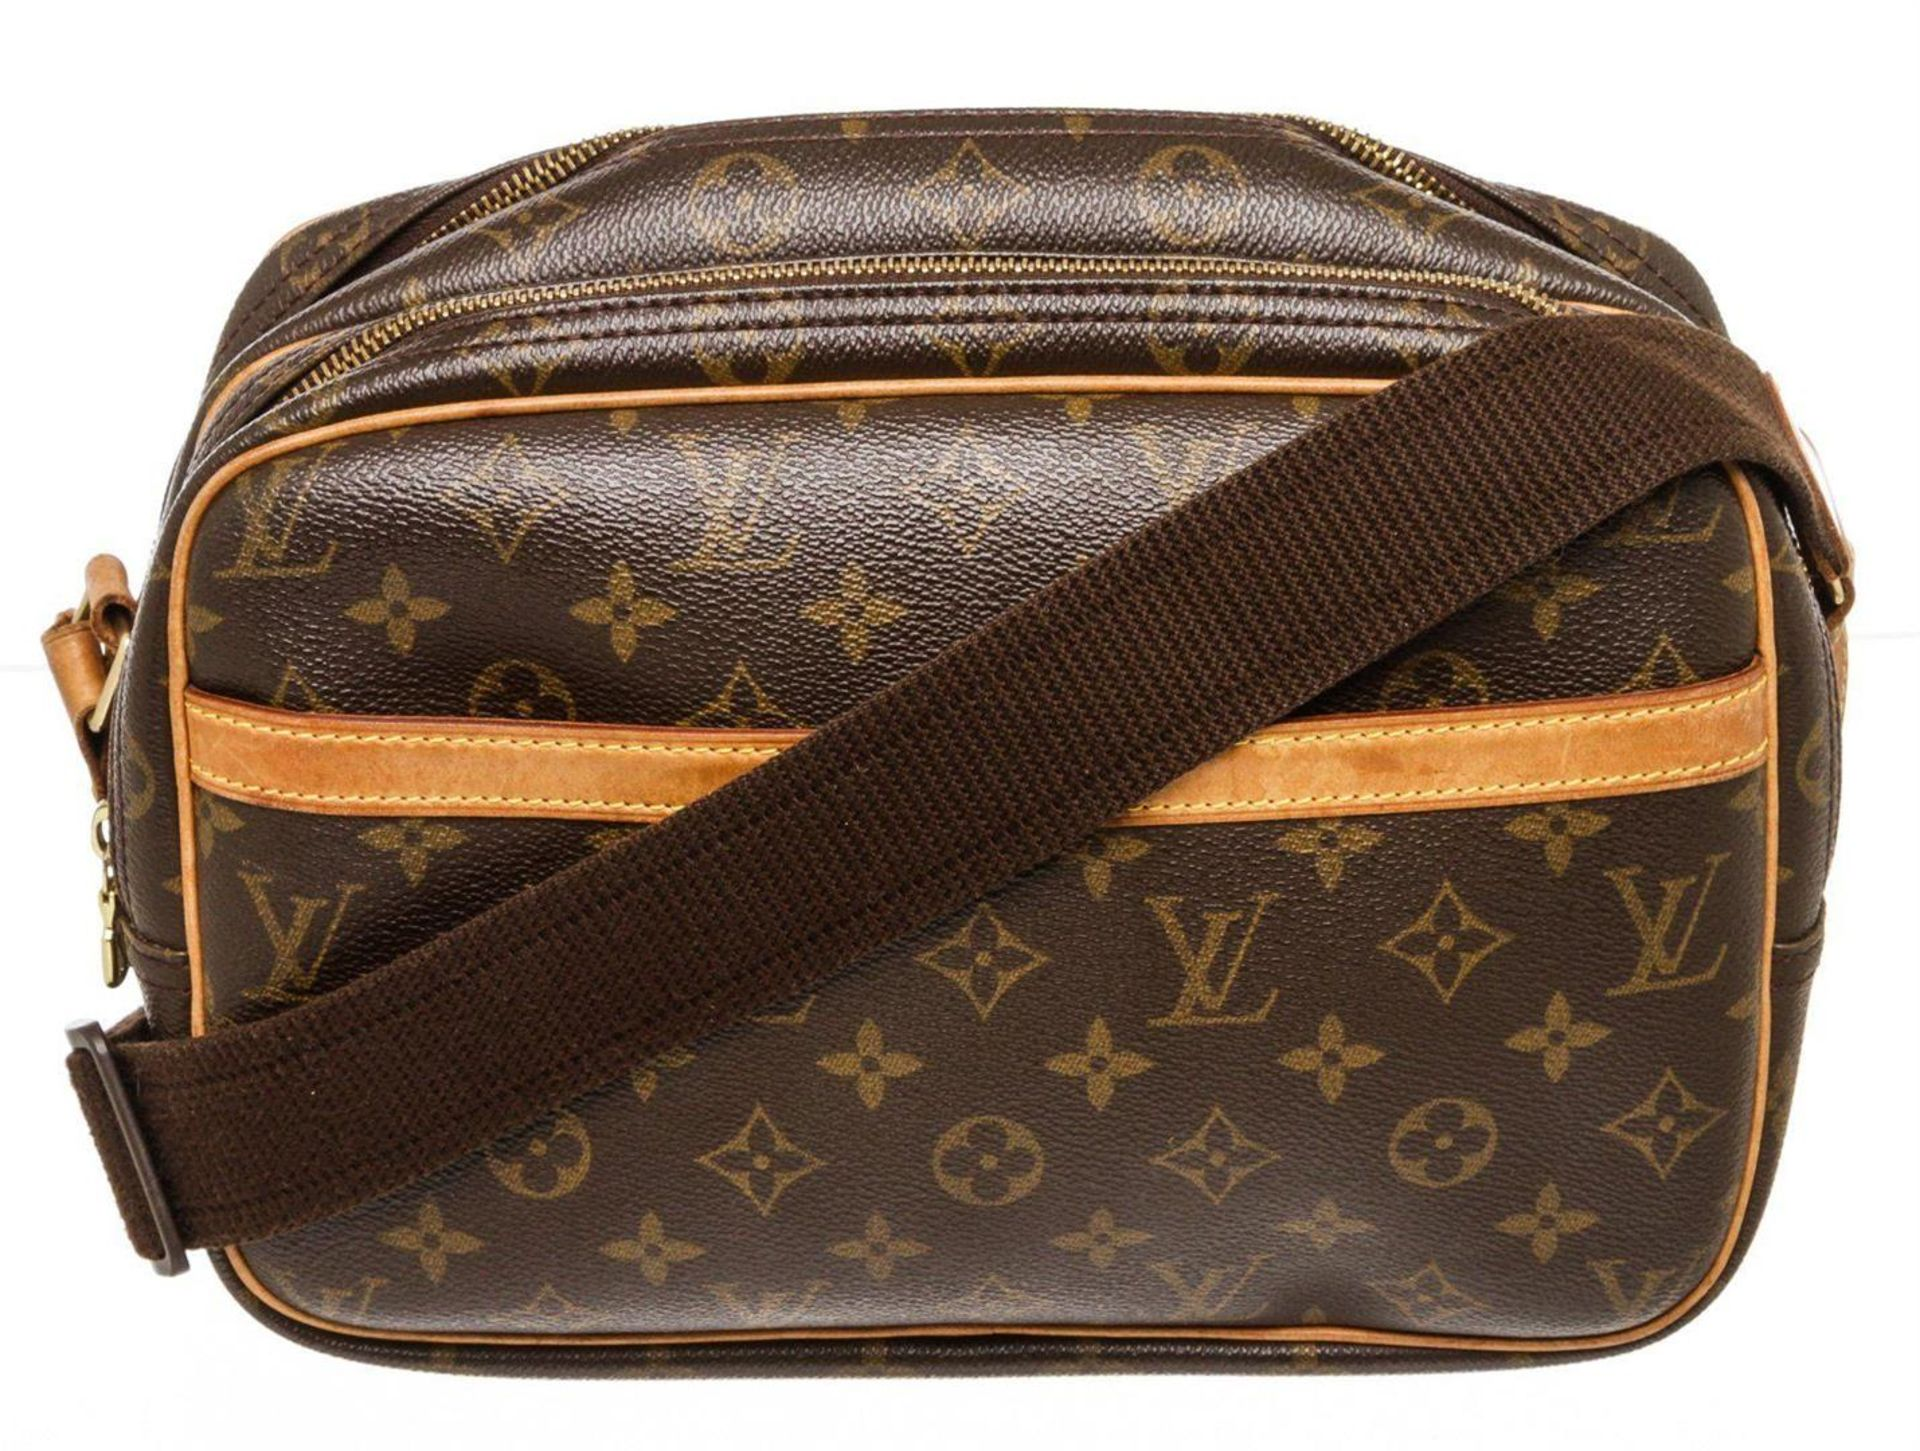 Louis Vuitton Monogram Canvas Leather Saumur 28 Bag